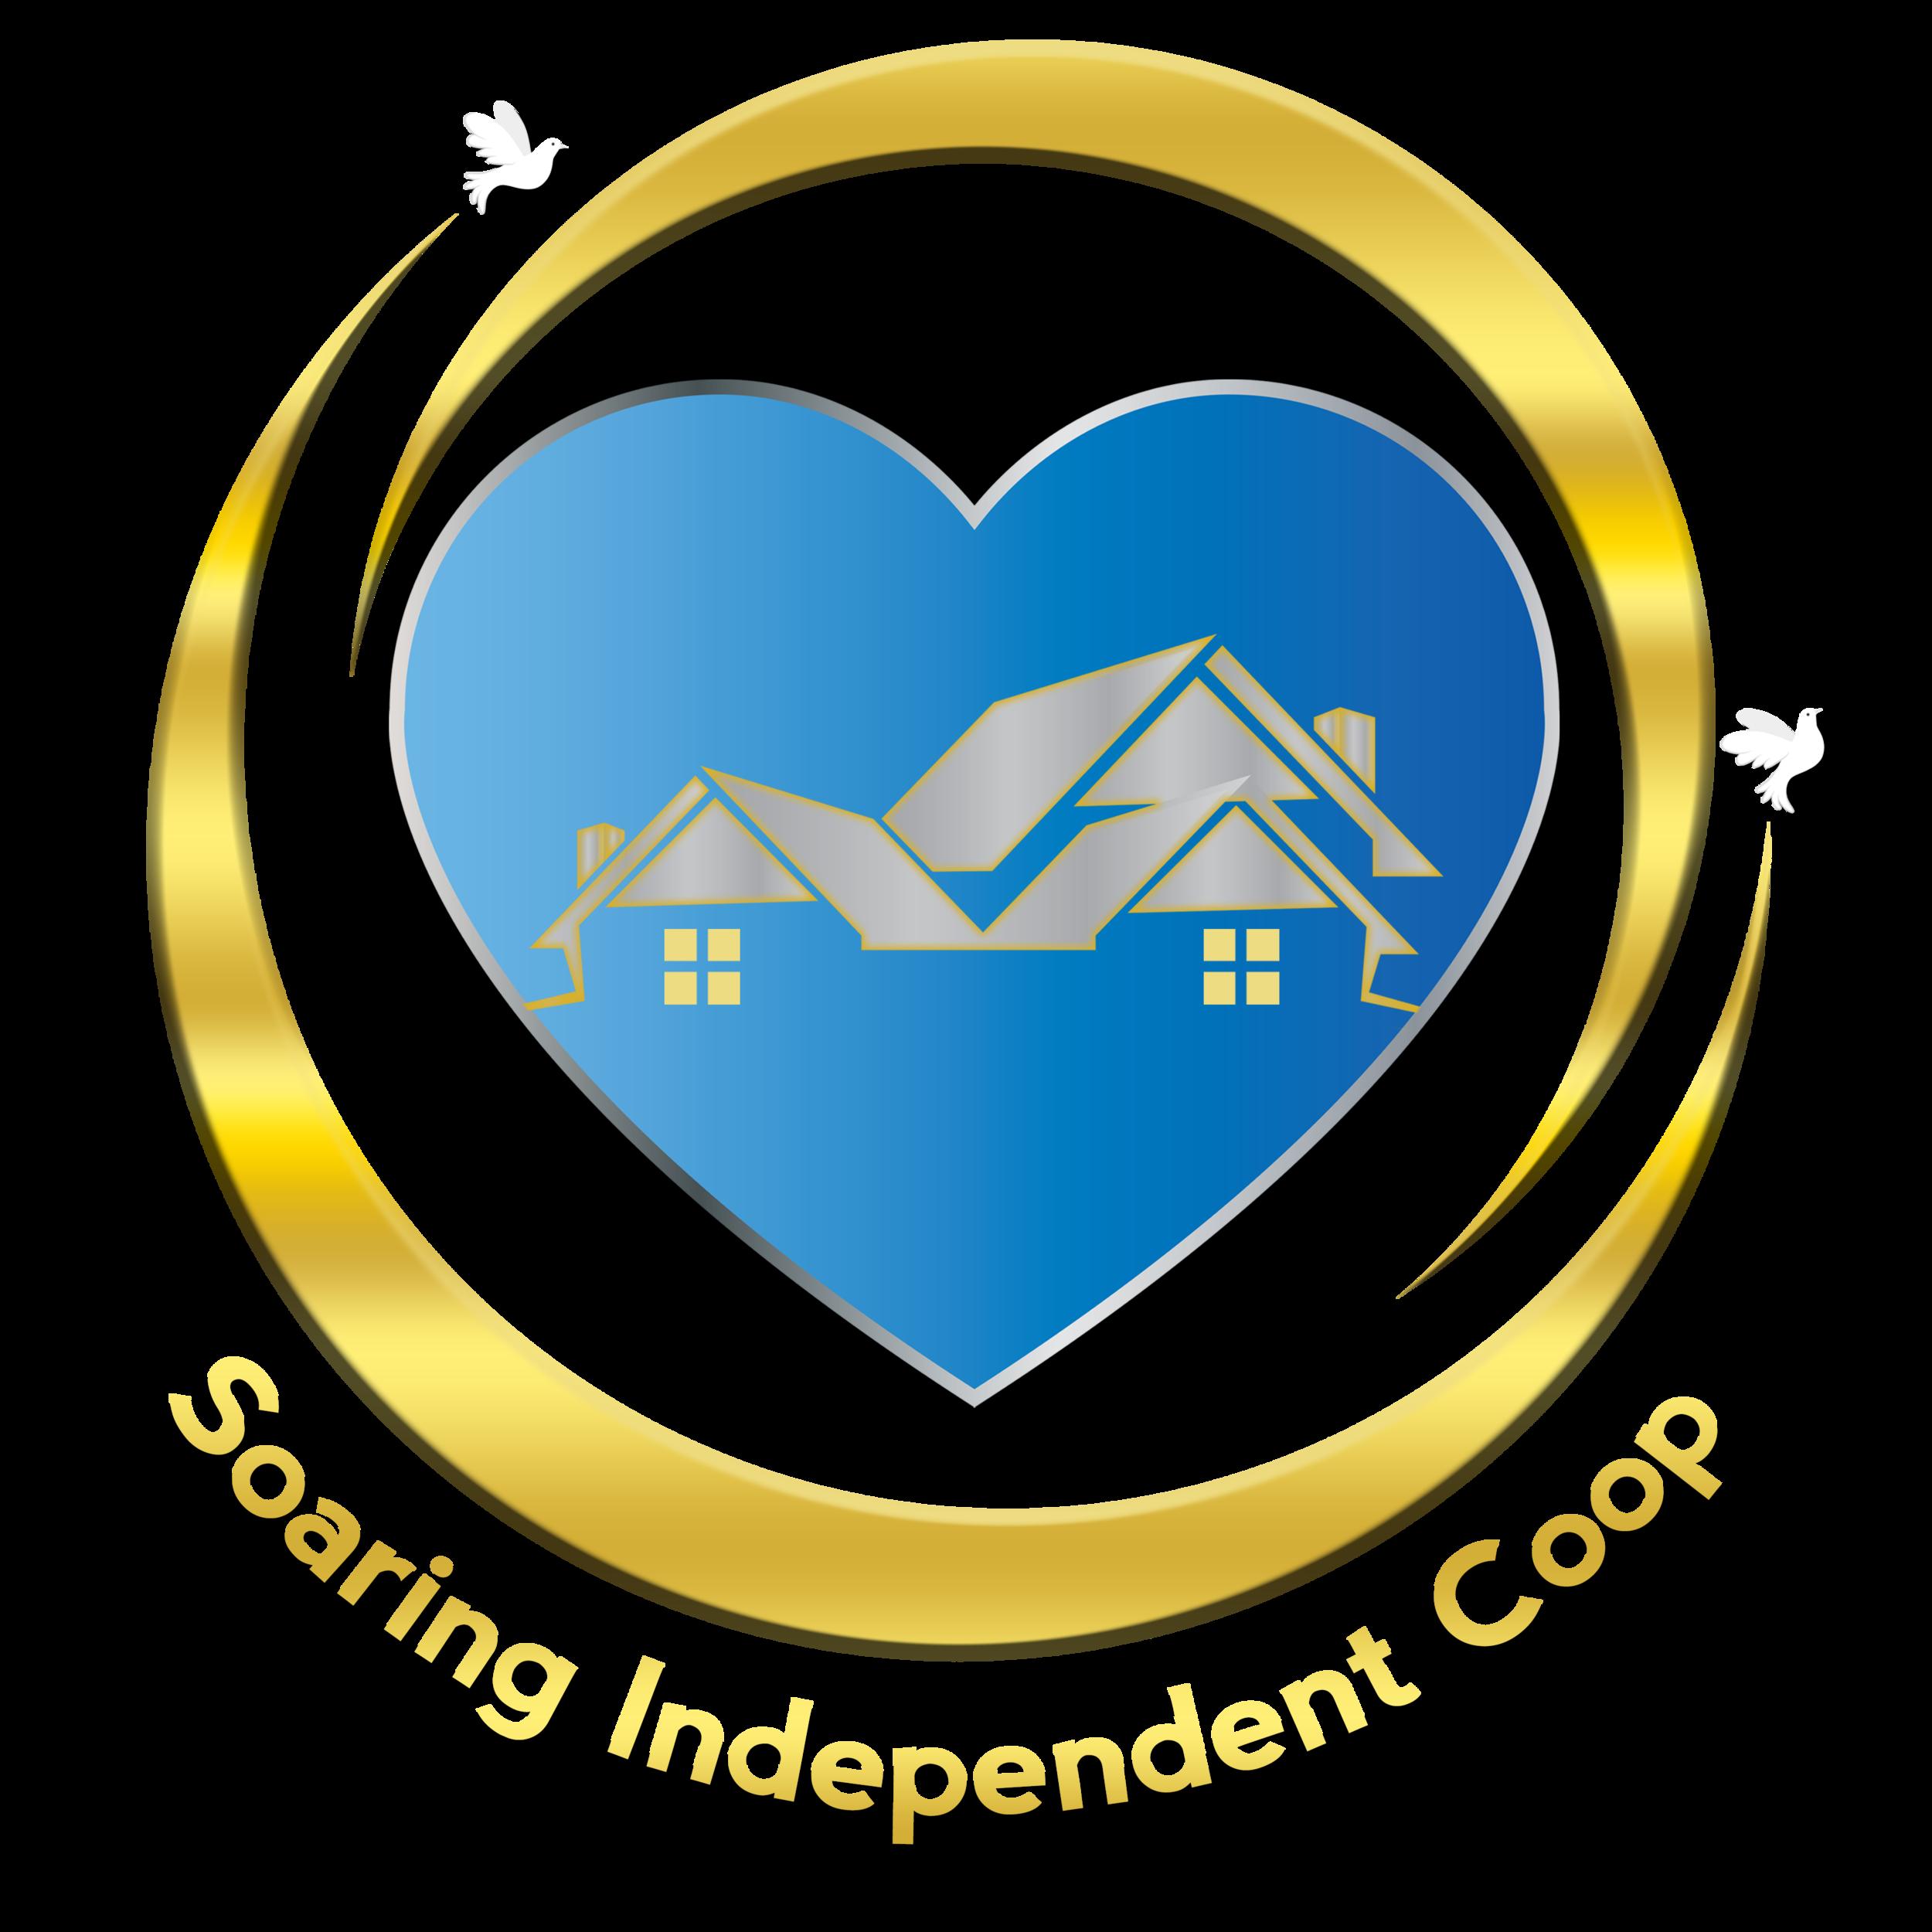 Soaring Independent Living Logo.png